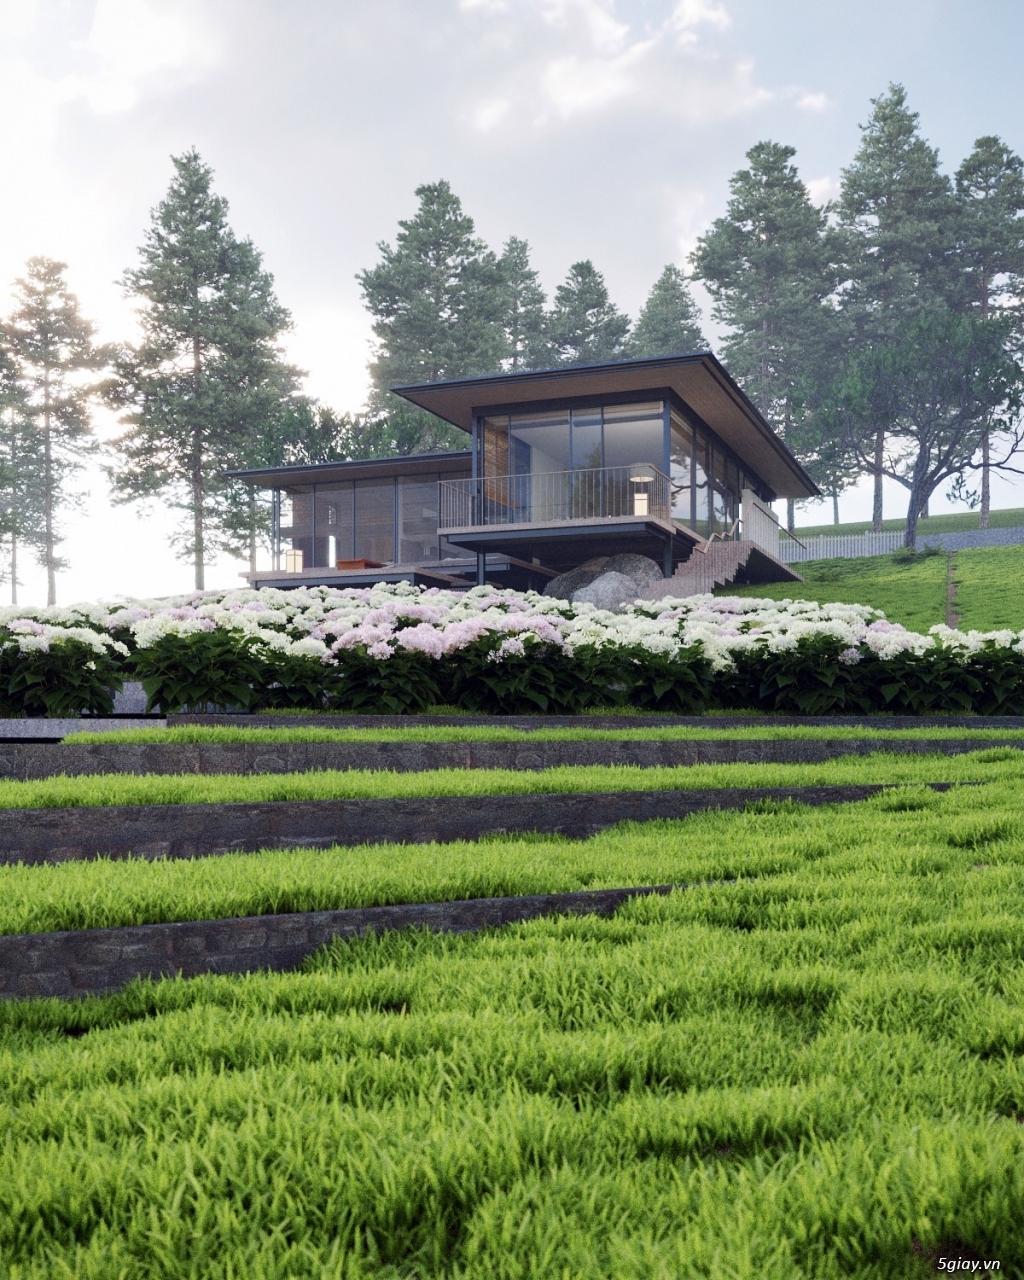 Sakura Village kiwuki 2 biệt thự Nhà vườn 300m2 thổ cư - 3